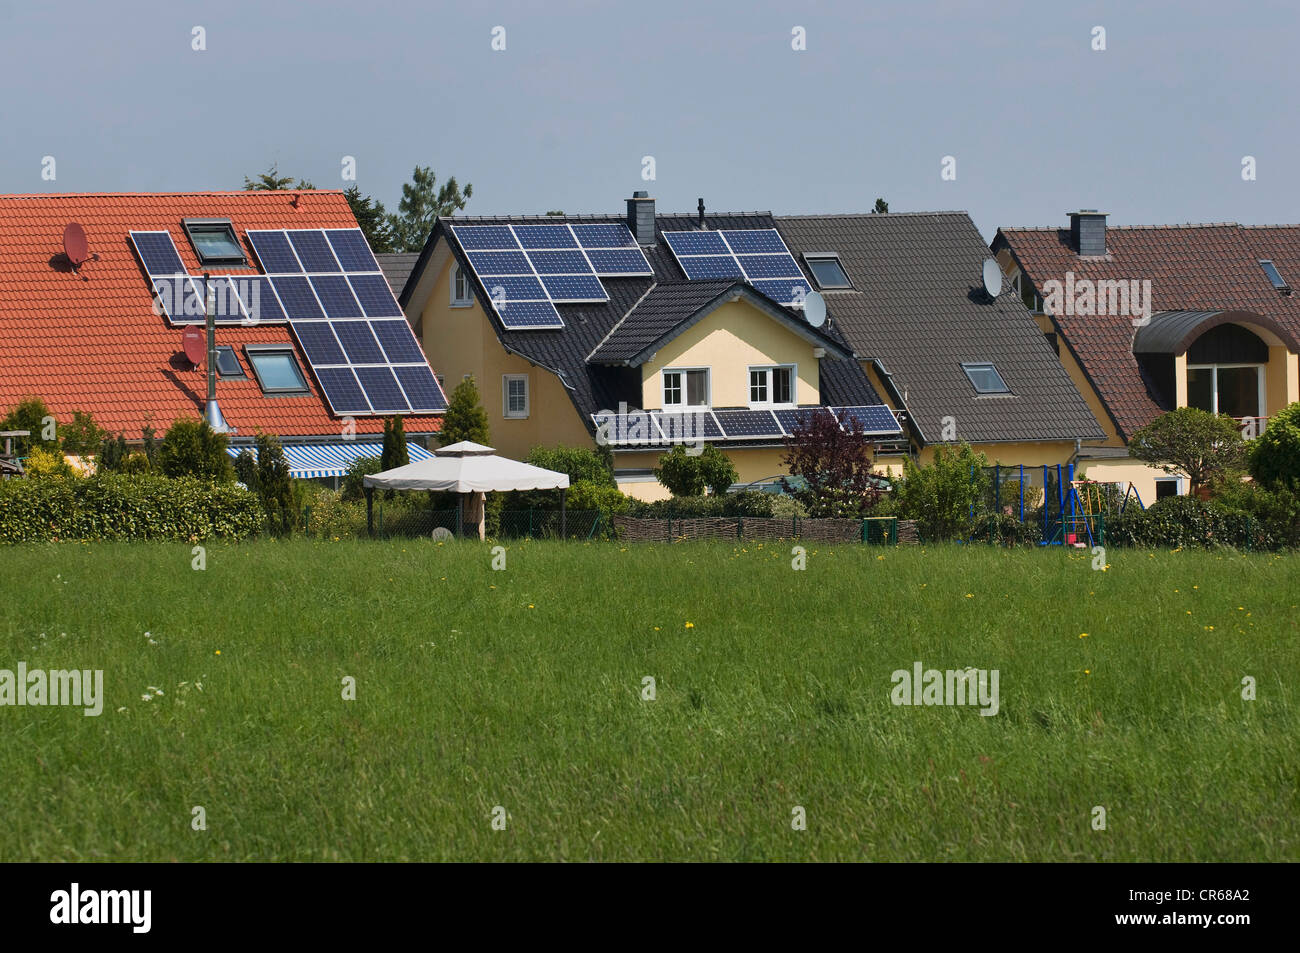 Offres et demandes de logements modernes, des maisons avec des panneaux solaires sur le toit, dans la campagne Photo Stock